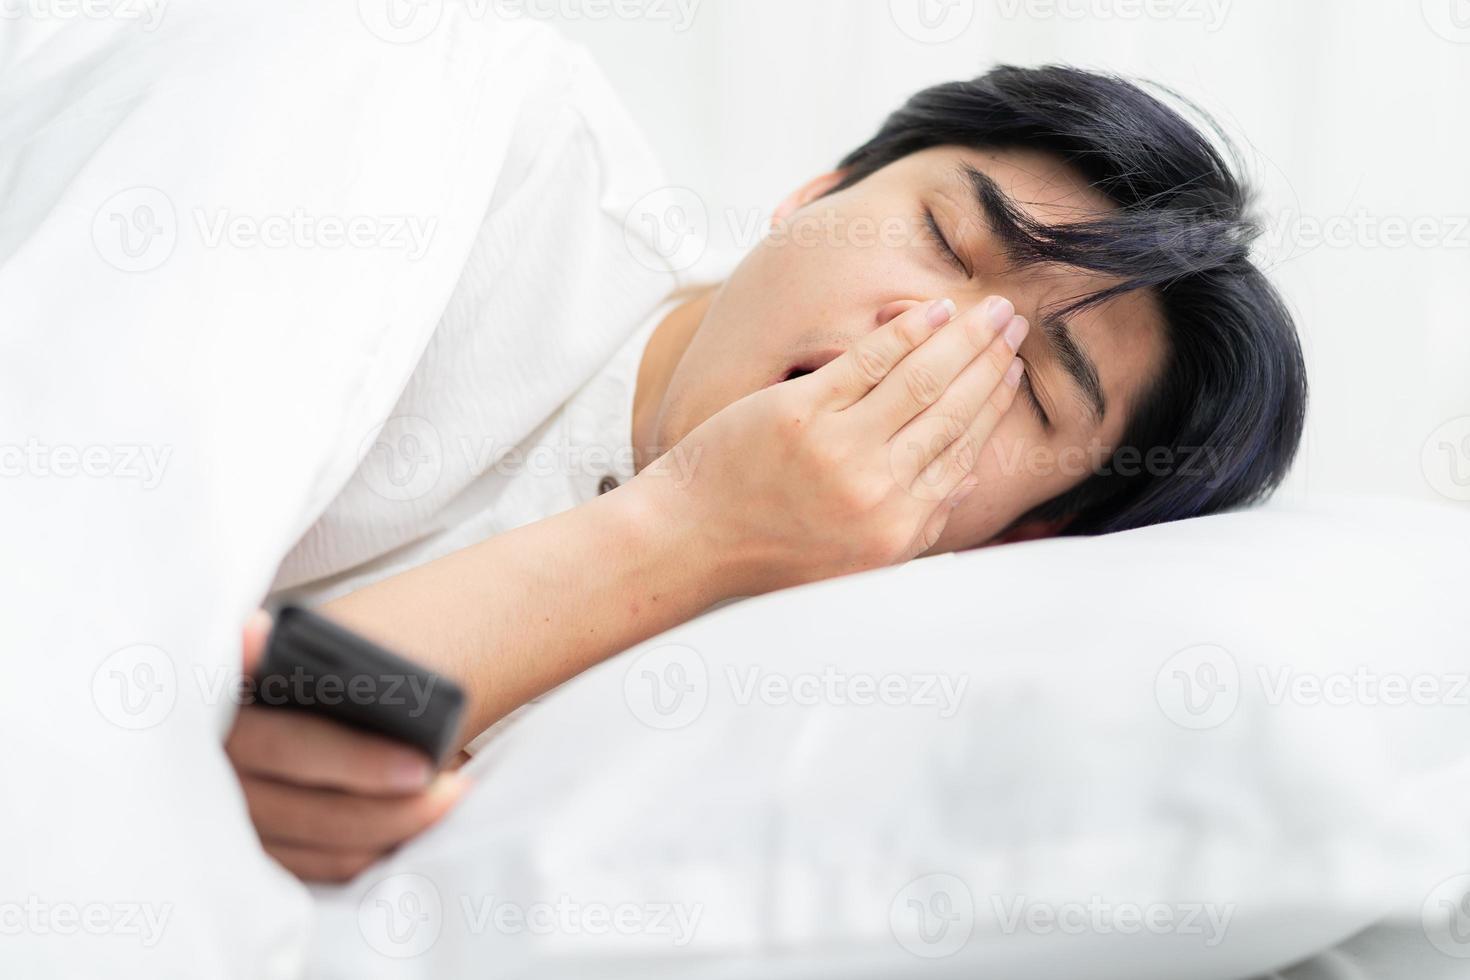 asiatisk man som ligger i sängen och använder telefonen. sömnig medan du använder telefonen foto